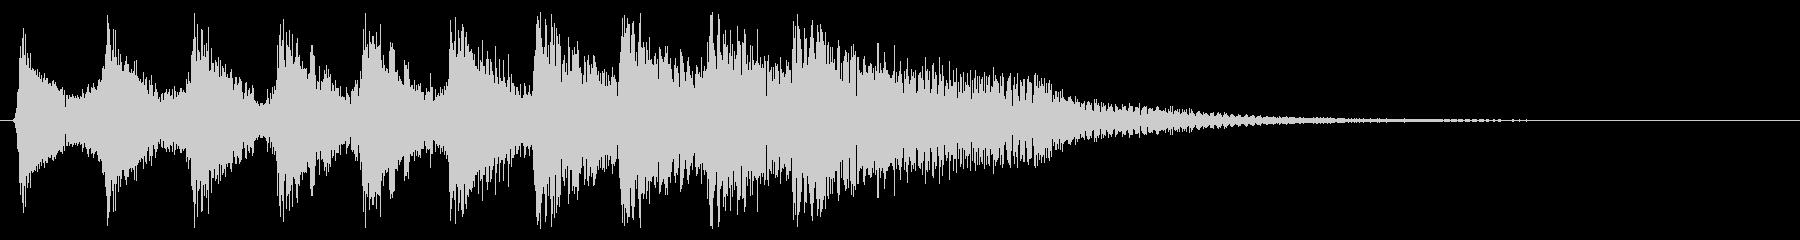 8bit 残念ゲームオーバー ピコピコ音の未再生の波形